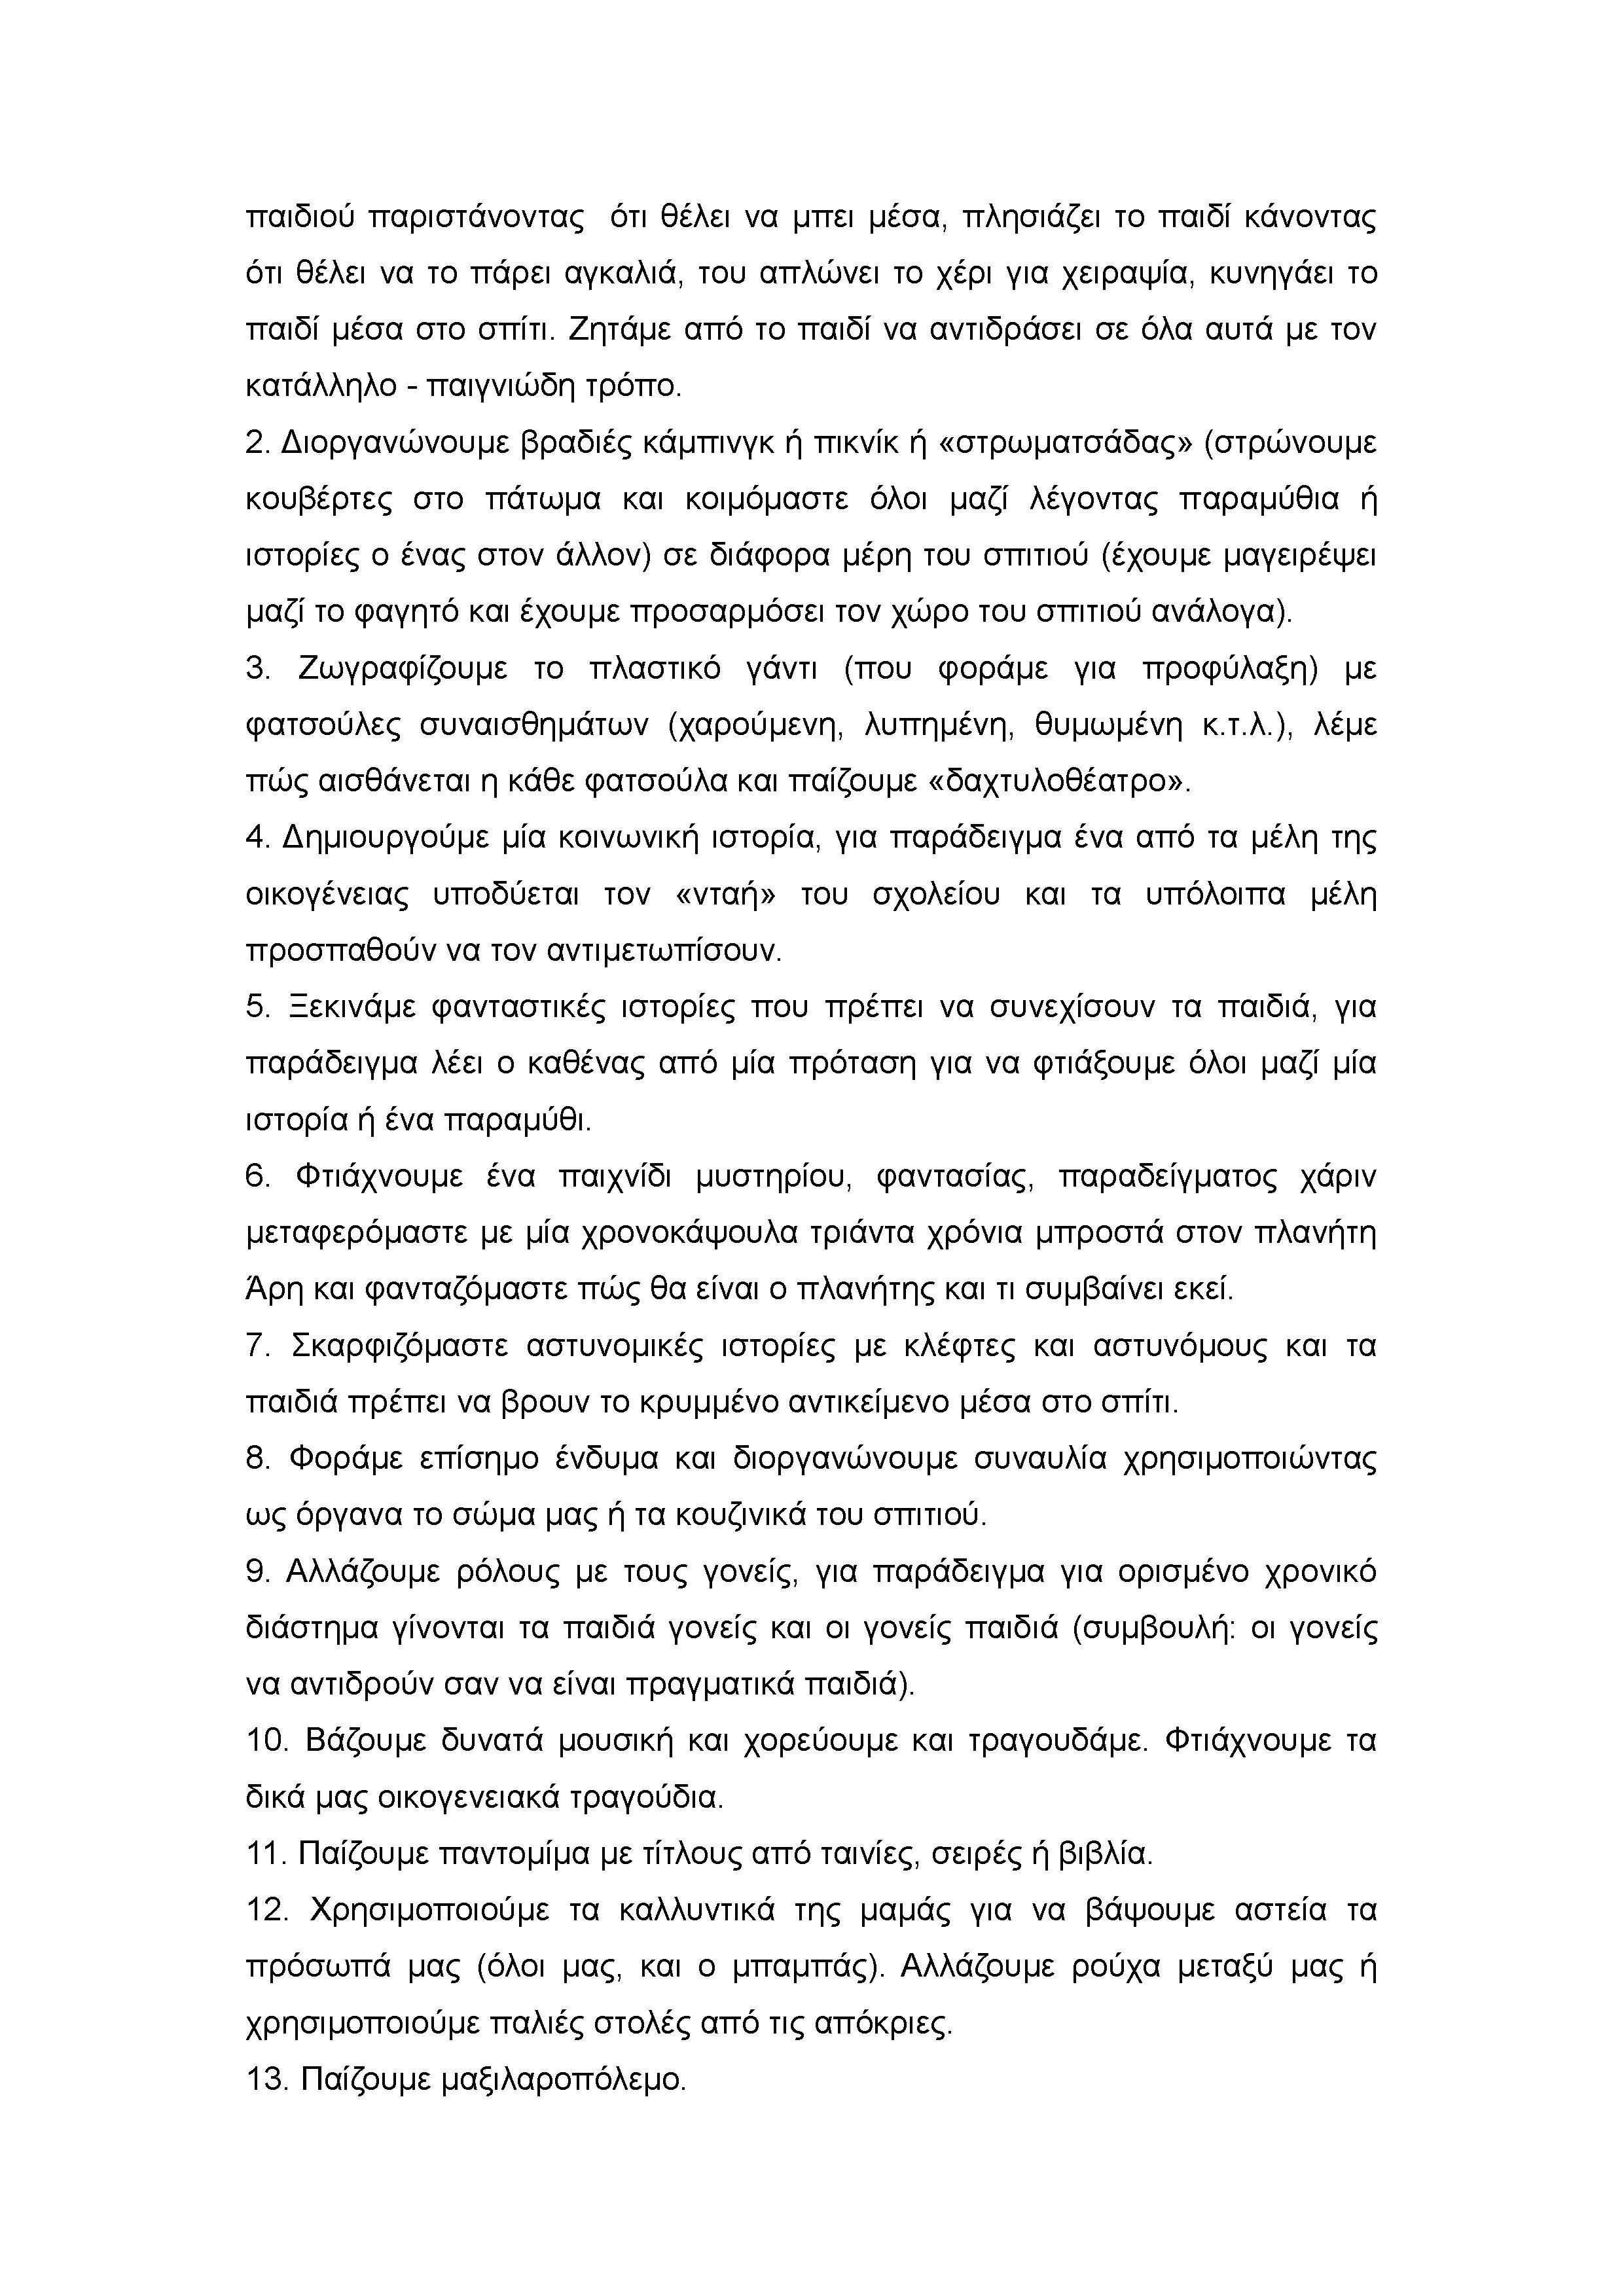 Ενδεικτικές-προτάσεις-από-το-ΚΕΣΥ-Αργολίδας-για-την-υποστήριξη-των-παιδιών-εν-μέσω-πανδημίας-COVID-19-5